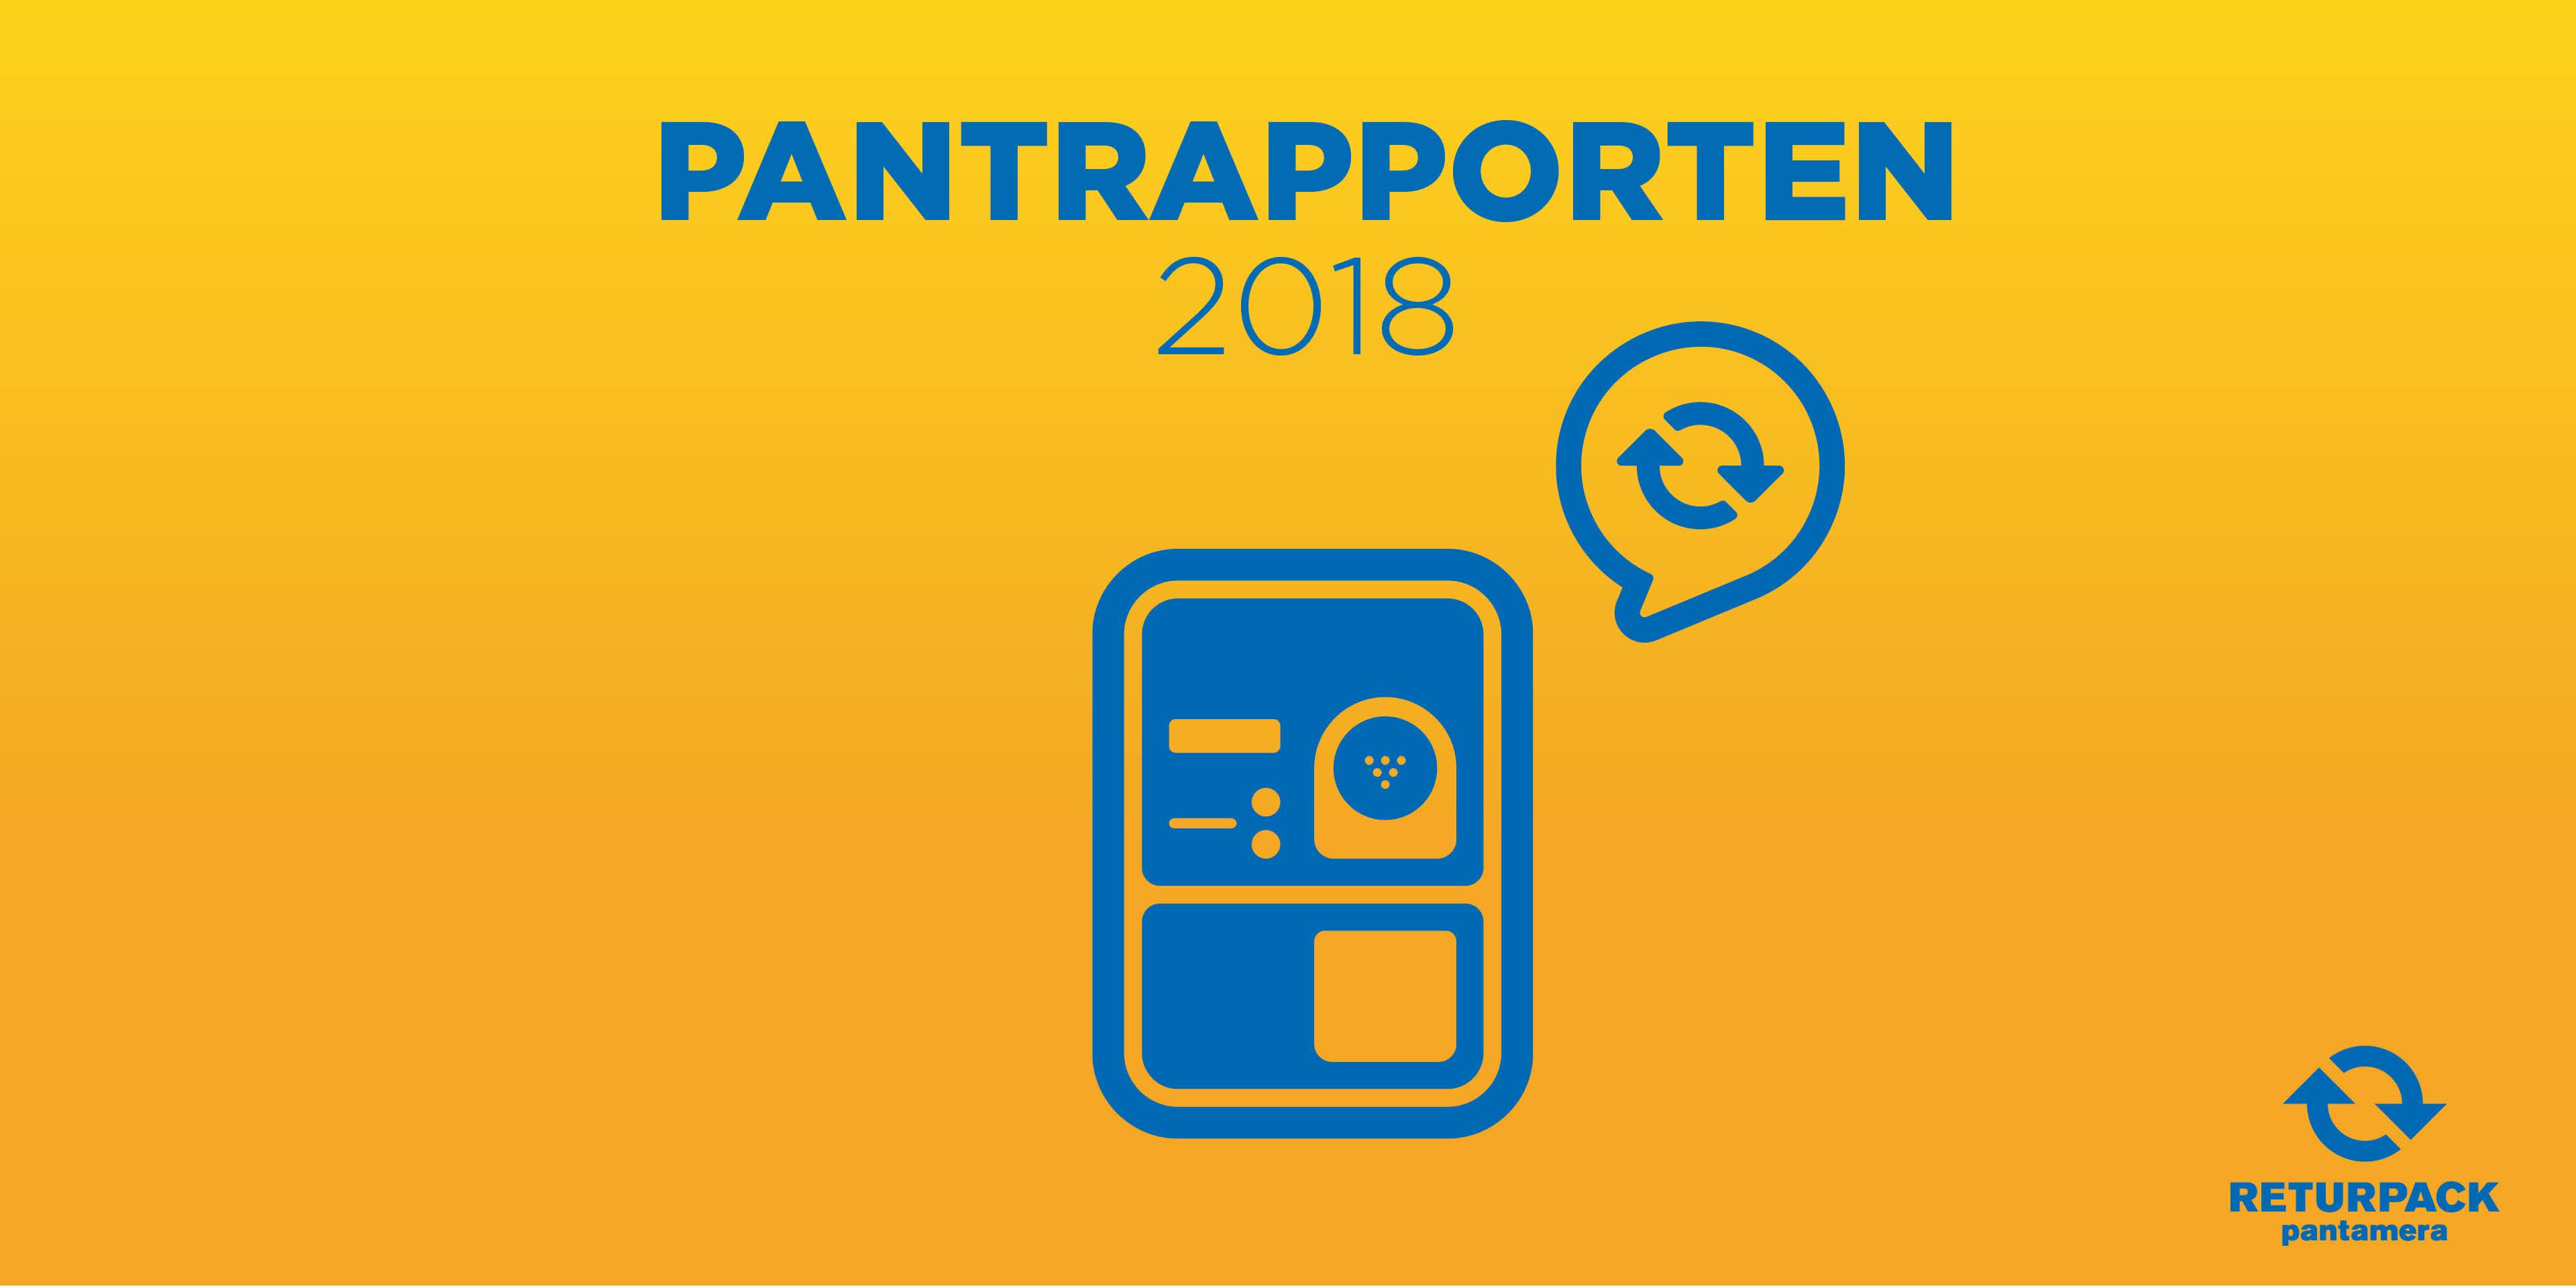 Identx har skapar pantrapporten för Returpack/Pantamera